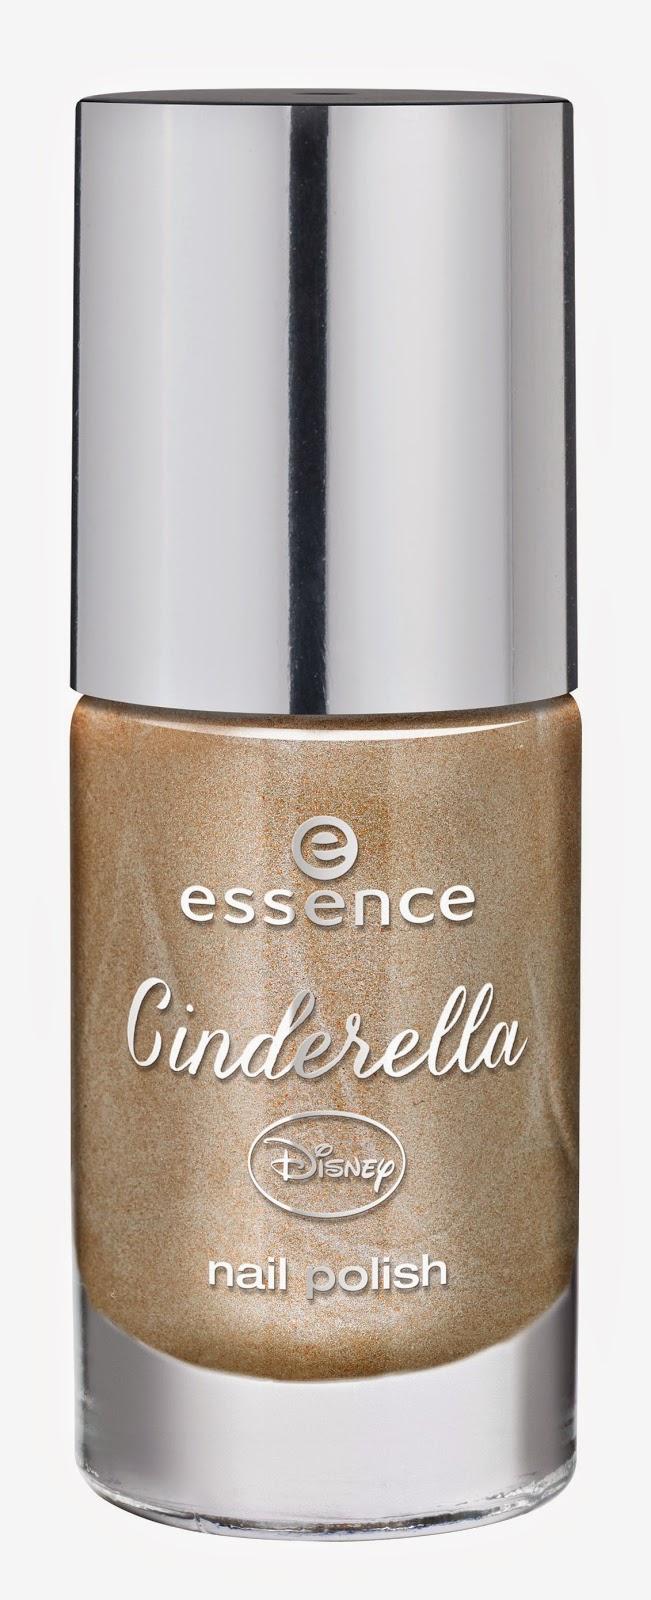 essence cinderella – nail polish - www.annitschkasblog.de